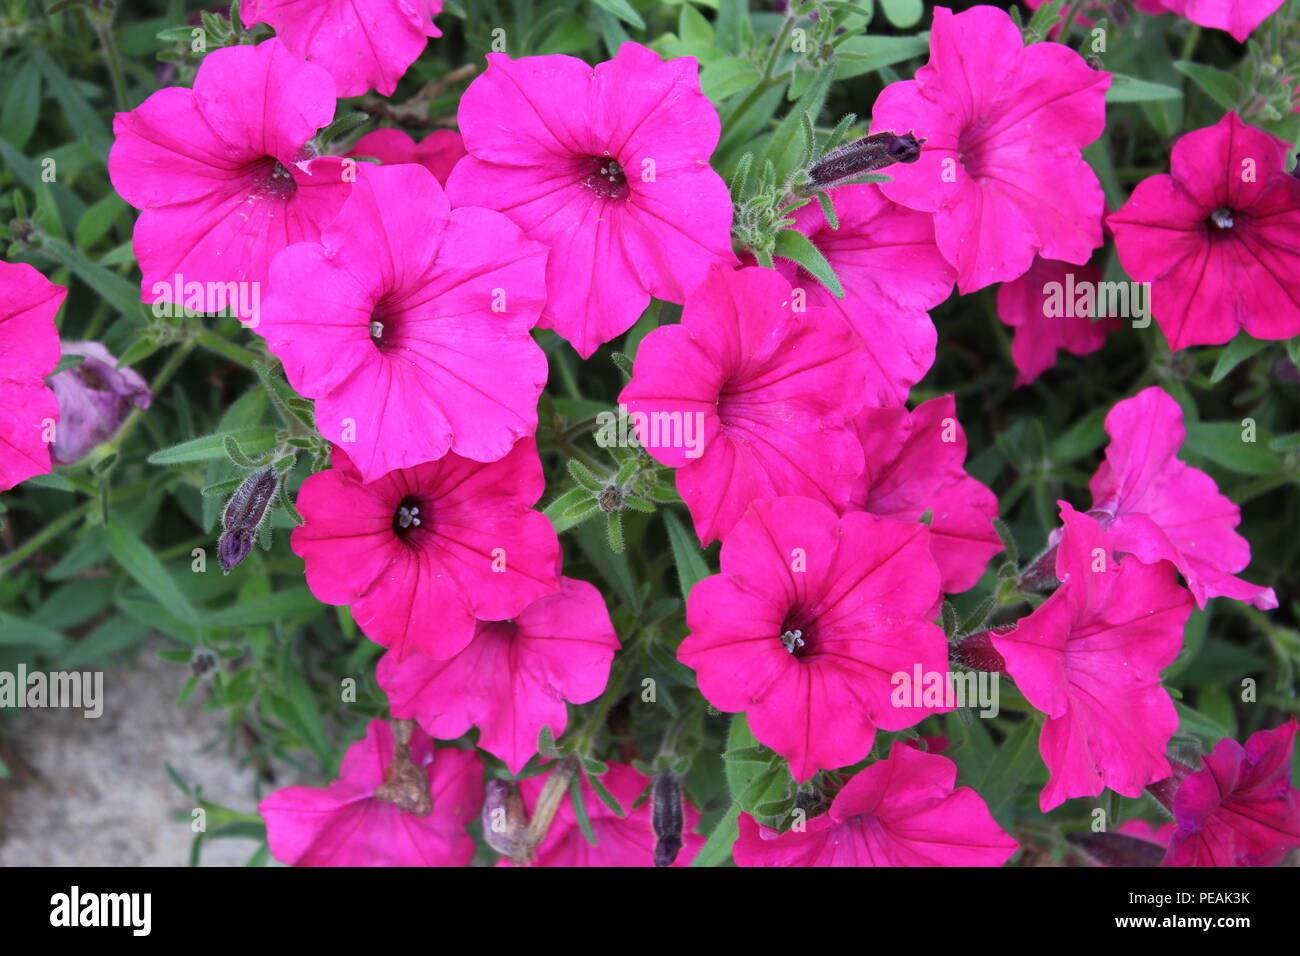 Pink Tubular Flowers Stock Photos Pink Tubular Flowers Stock